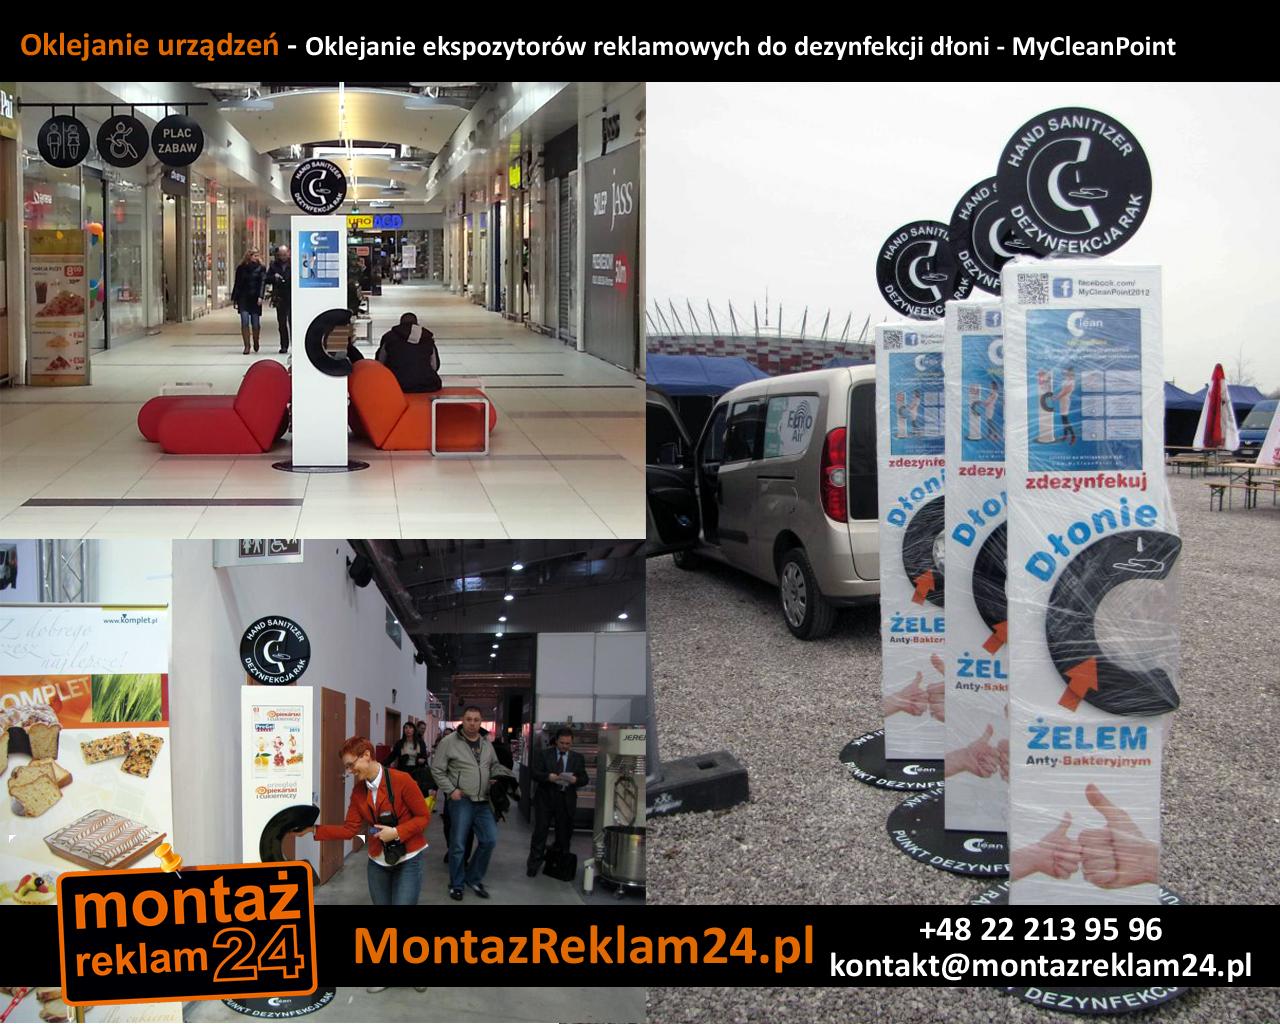 Oklejanie urządzeń - Oklejanie ekspozytorów reklamowych do dezynfekcji dłoni - MyCleanPoint.jpg